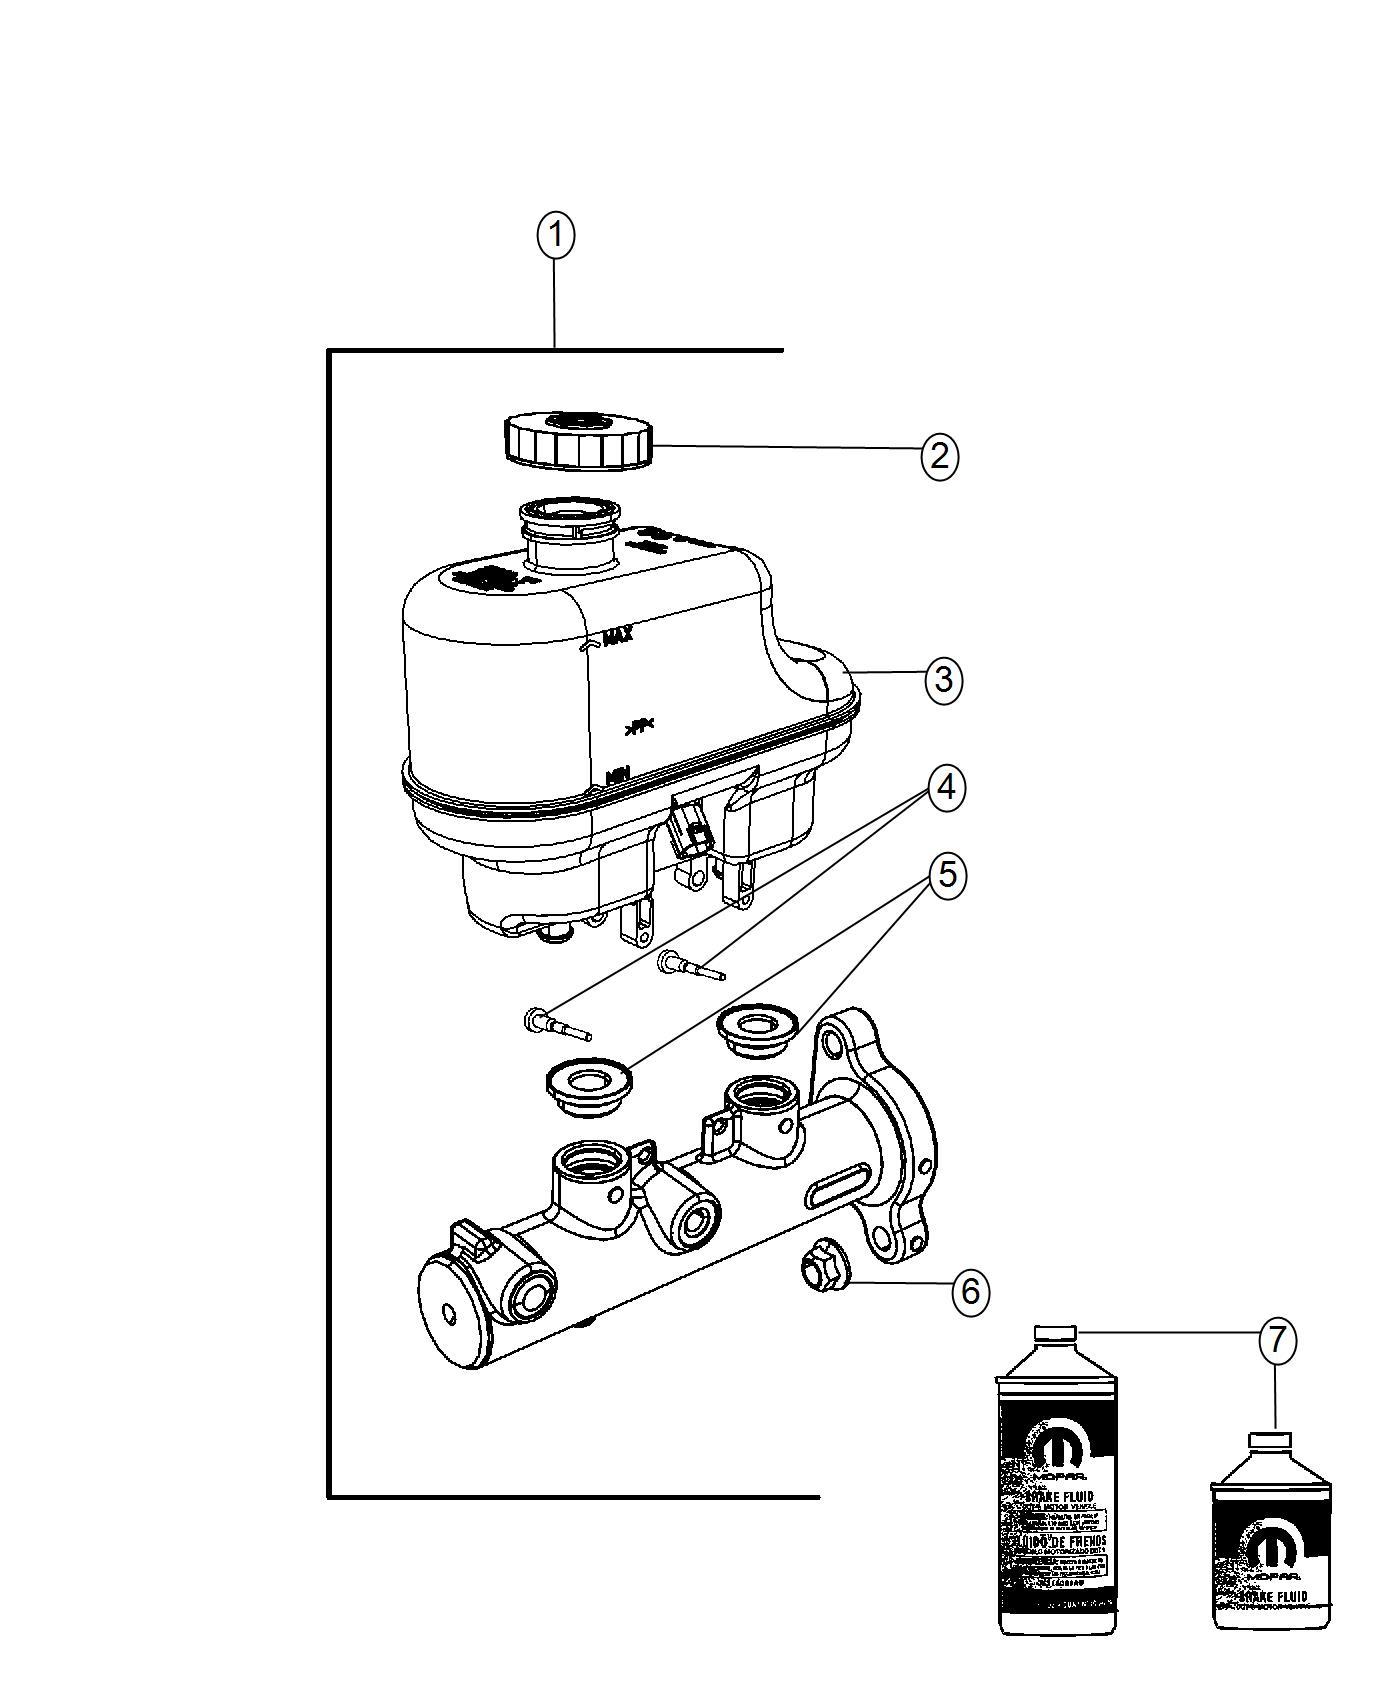 2016 Ram 5500 Reservoir. Brake master cylinder